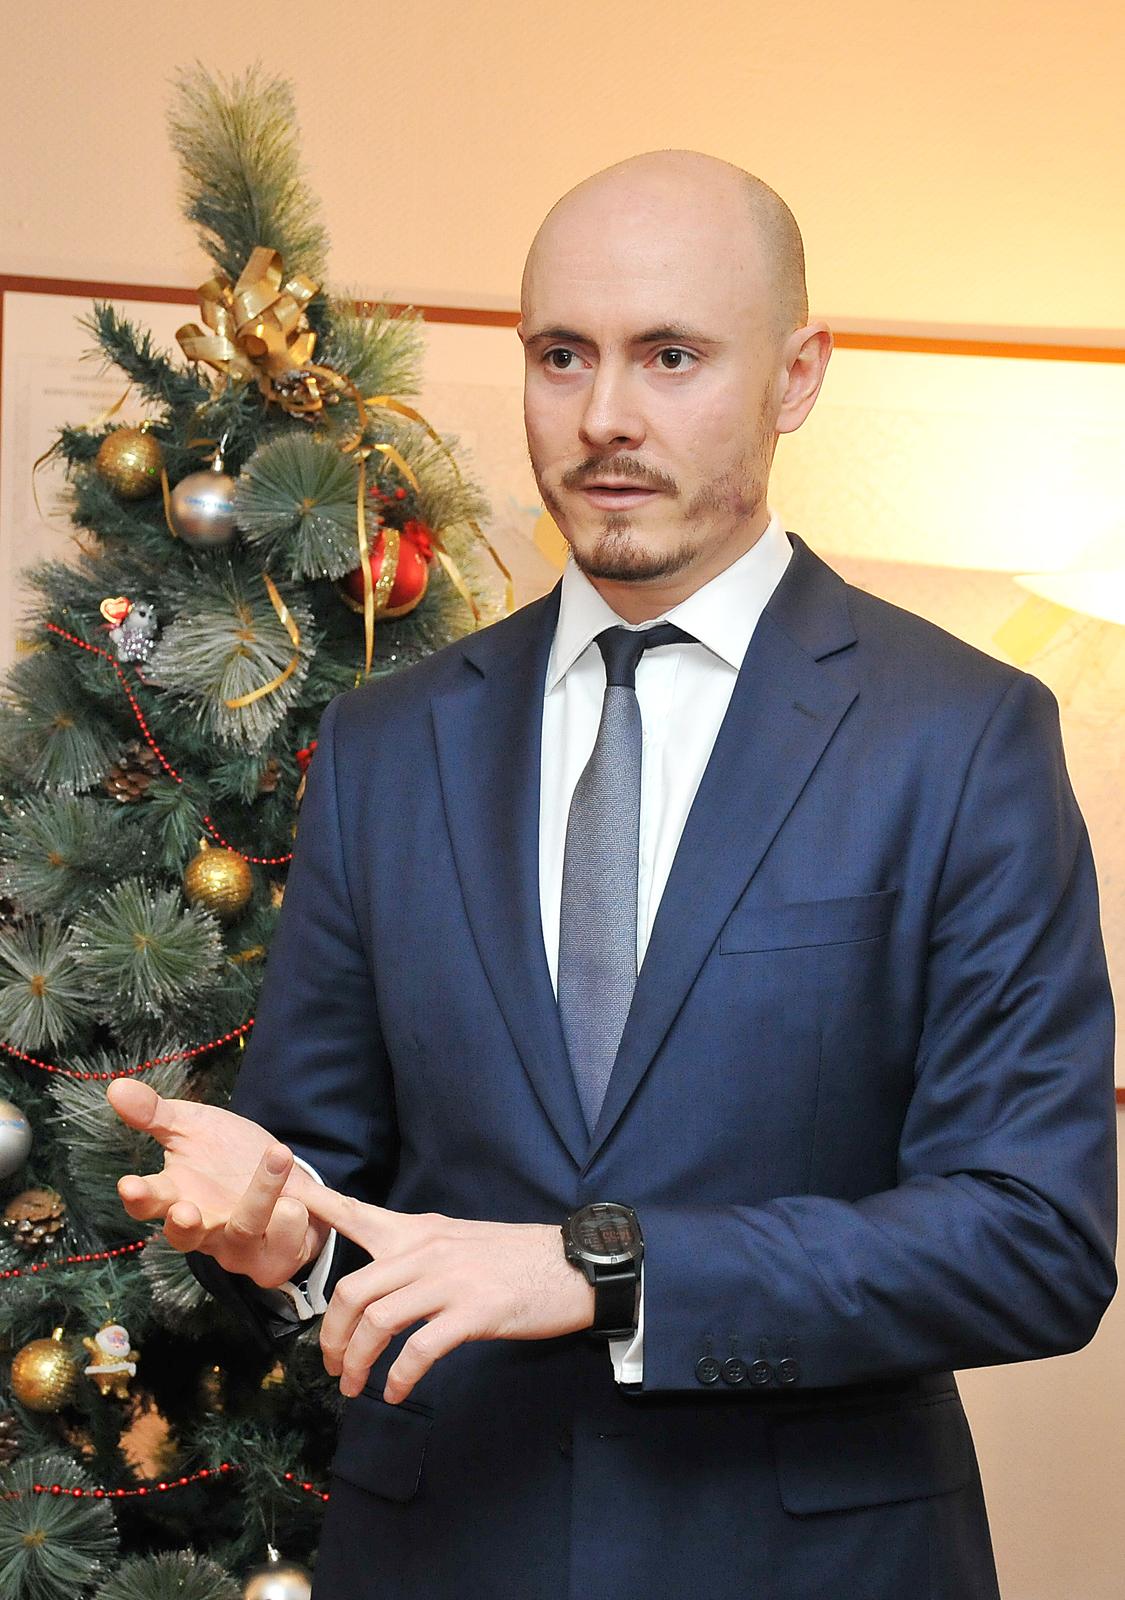 Sergei-Lihopud-Vorkutaugol-1.JPG